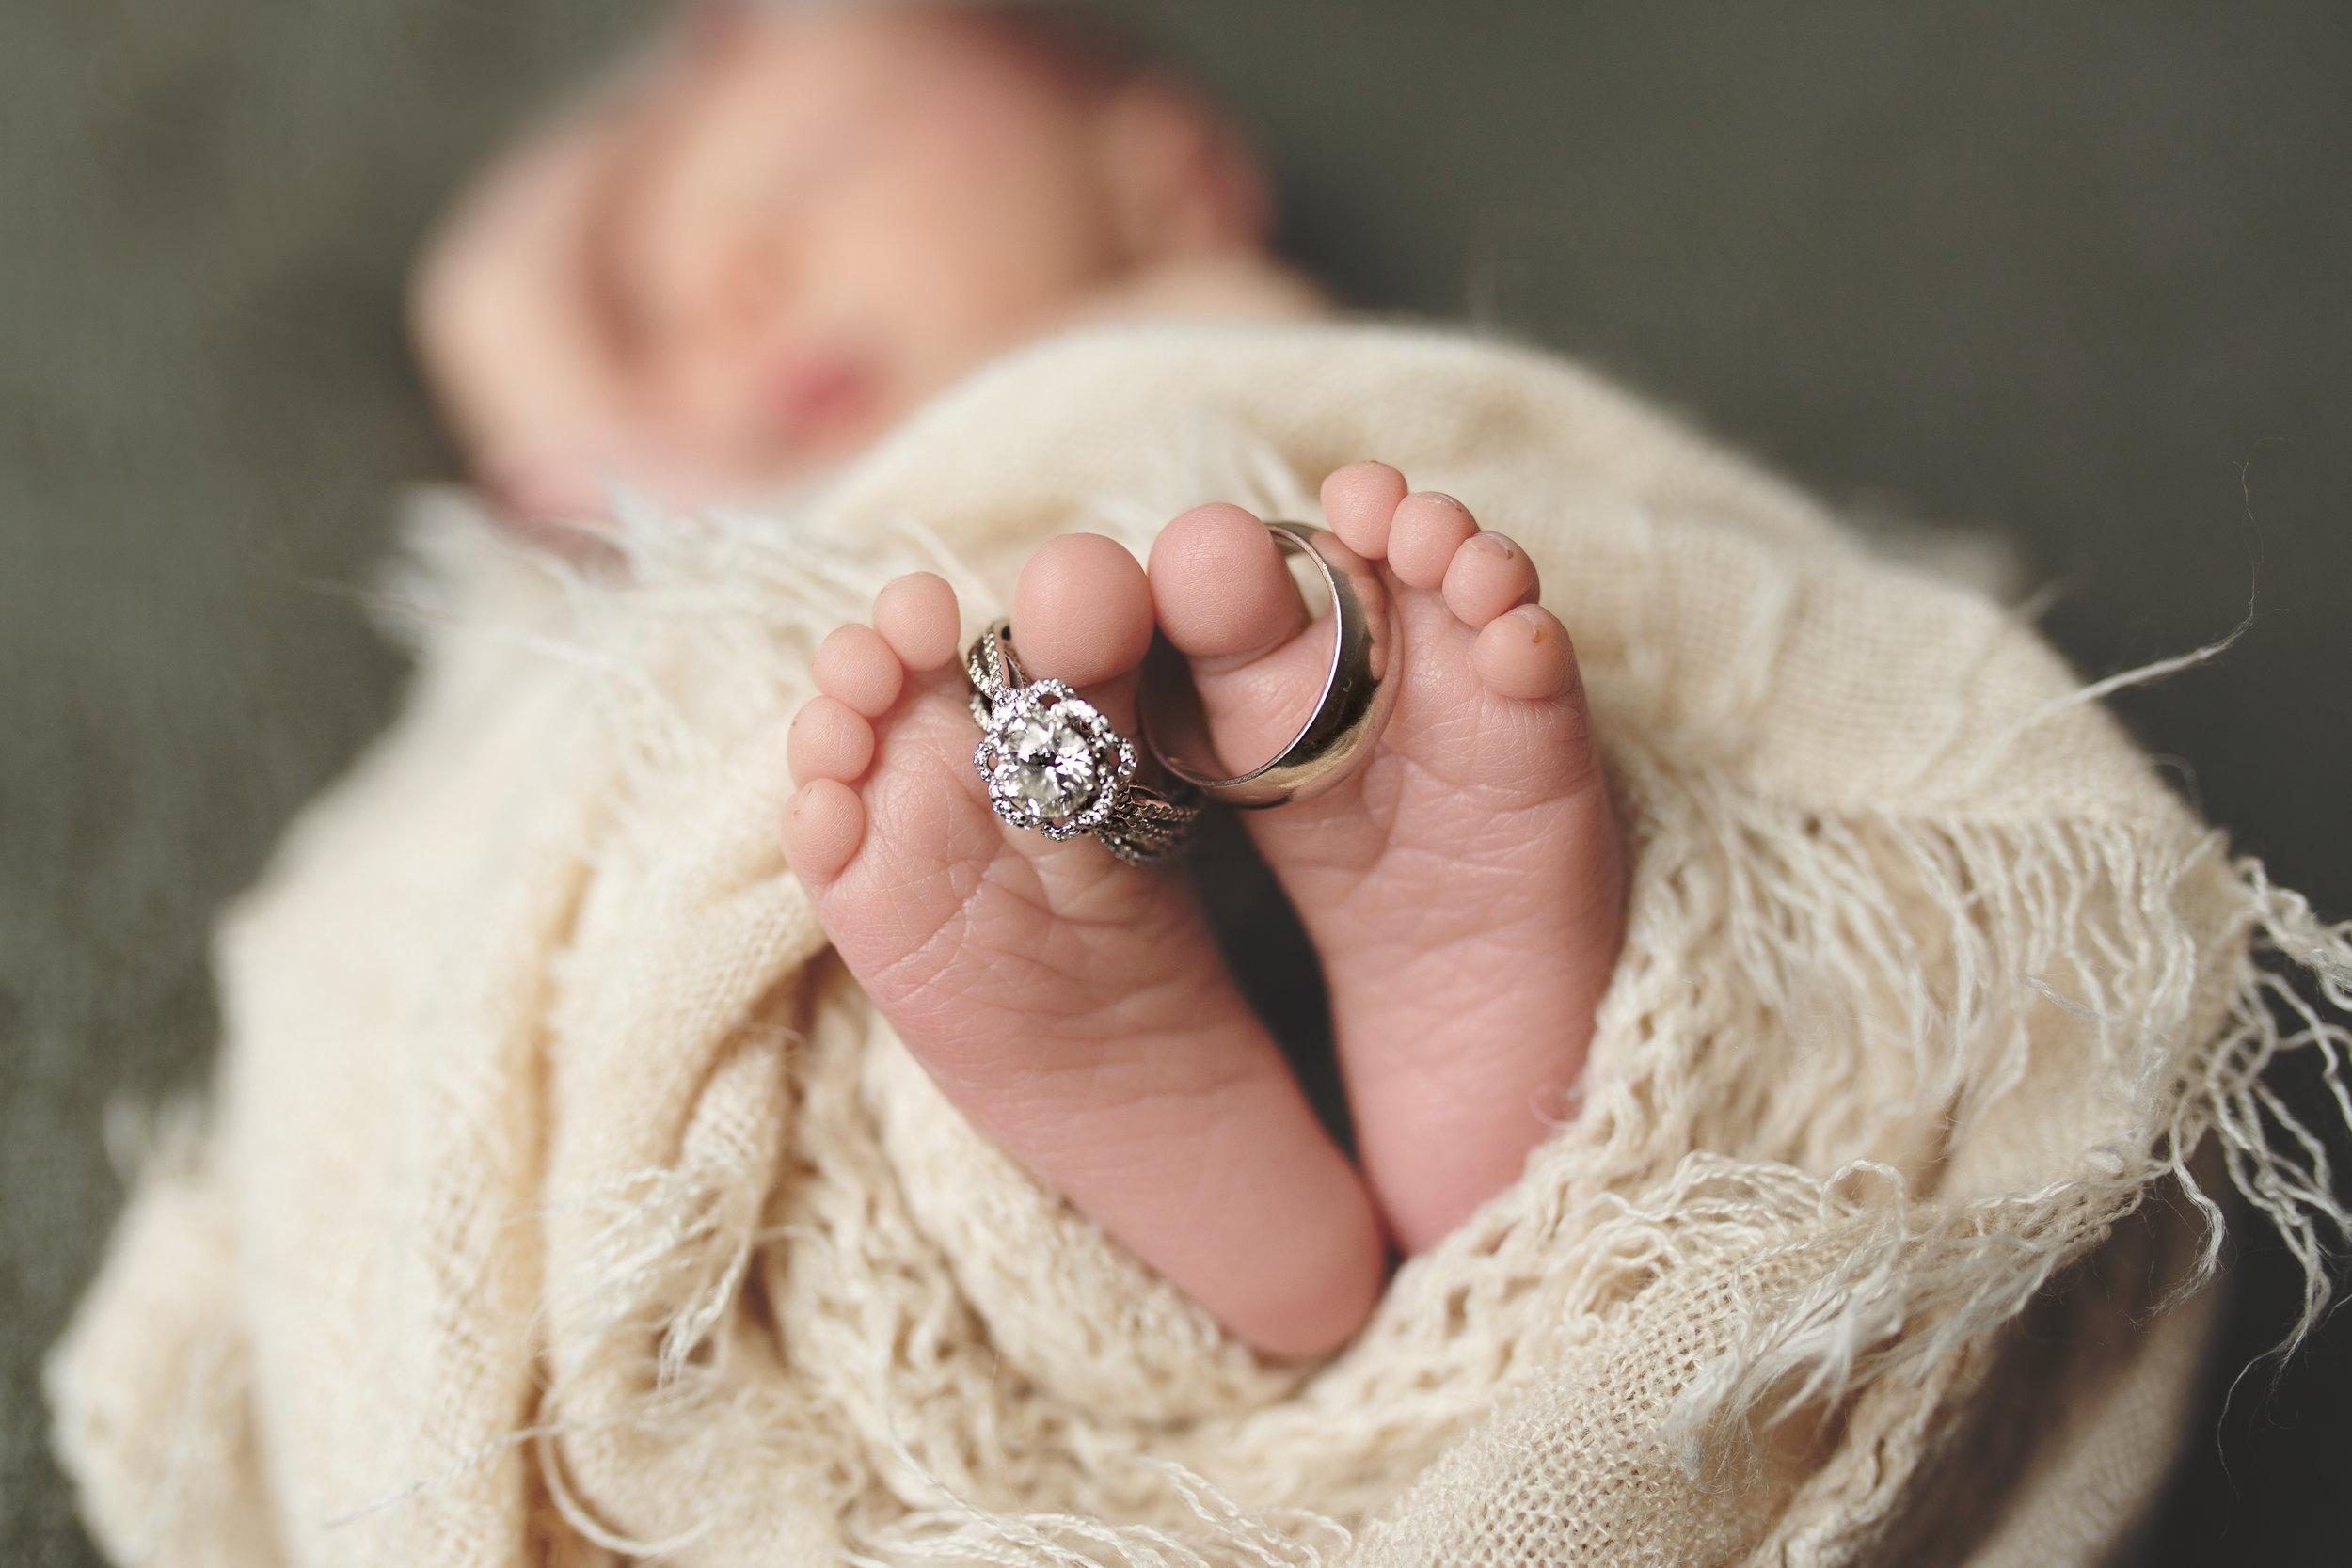 anchorage-newborn-photographer-10.jpg